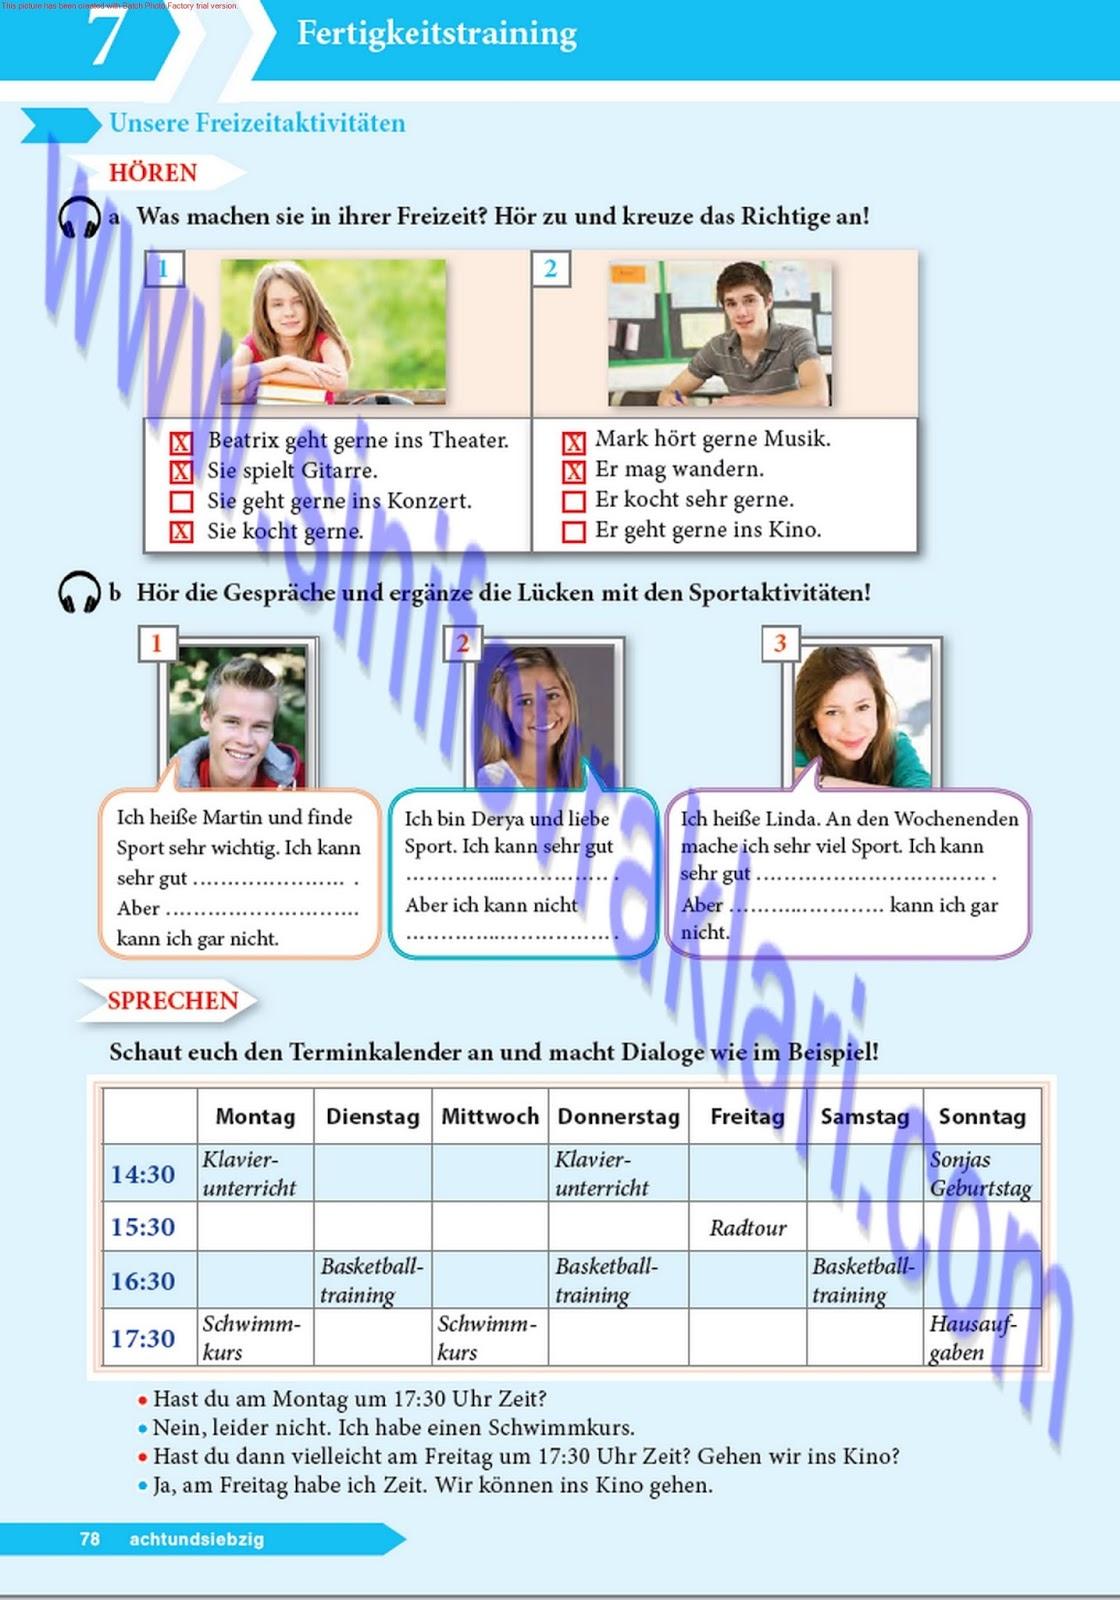 9 Sınıf Almanca A11 Ders Kitabı Cevapları Sayfa 78 Ders Kitabı